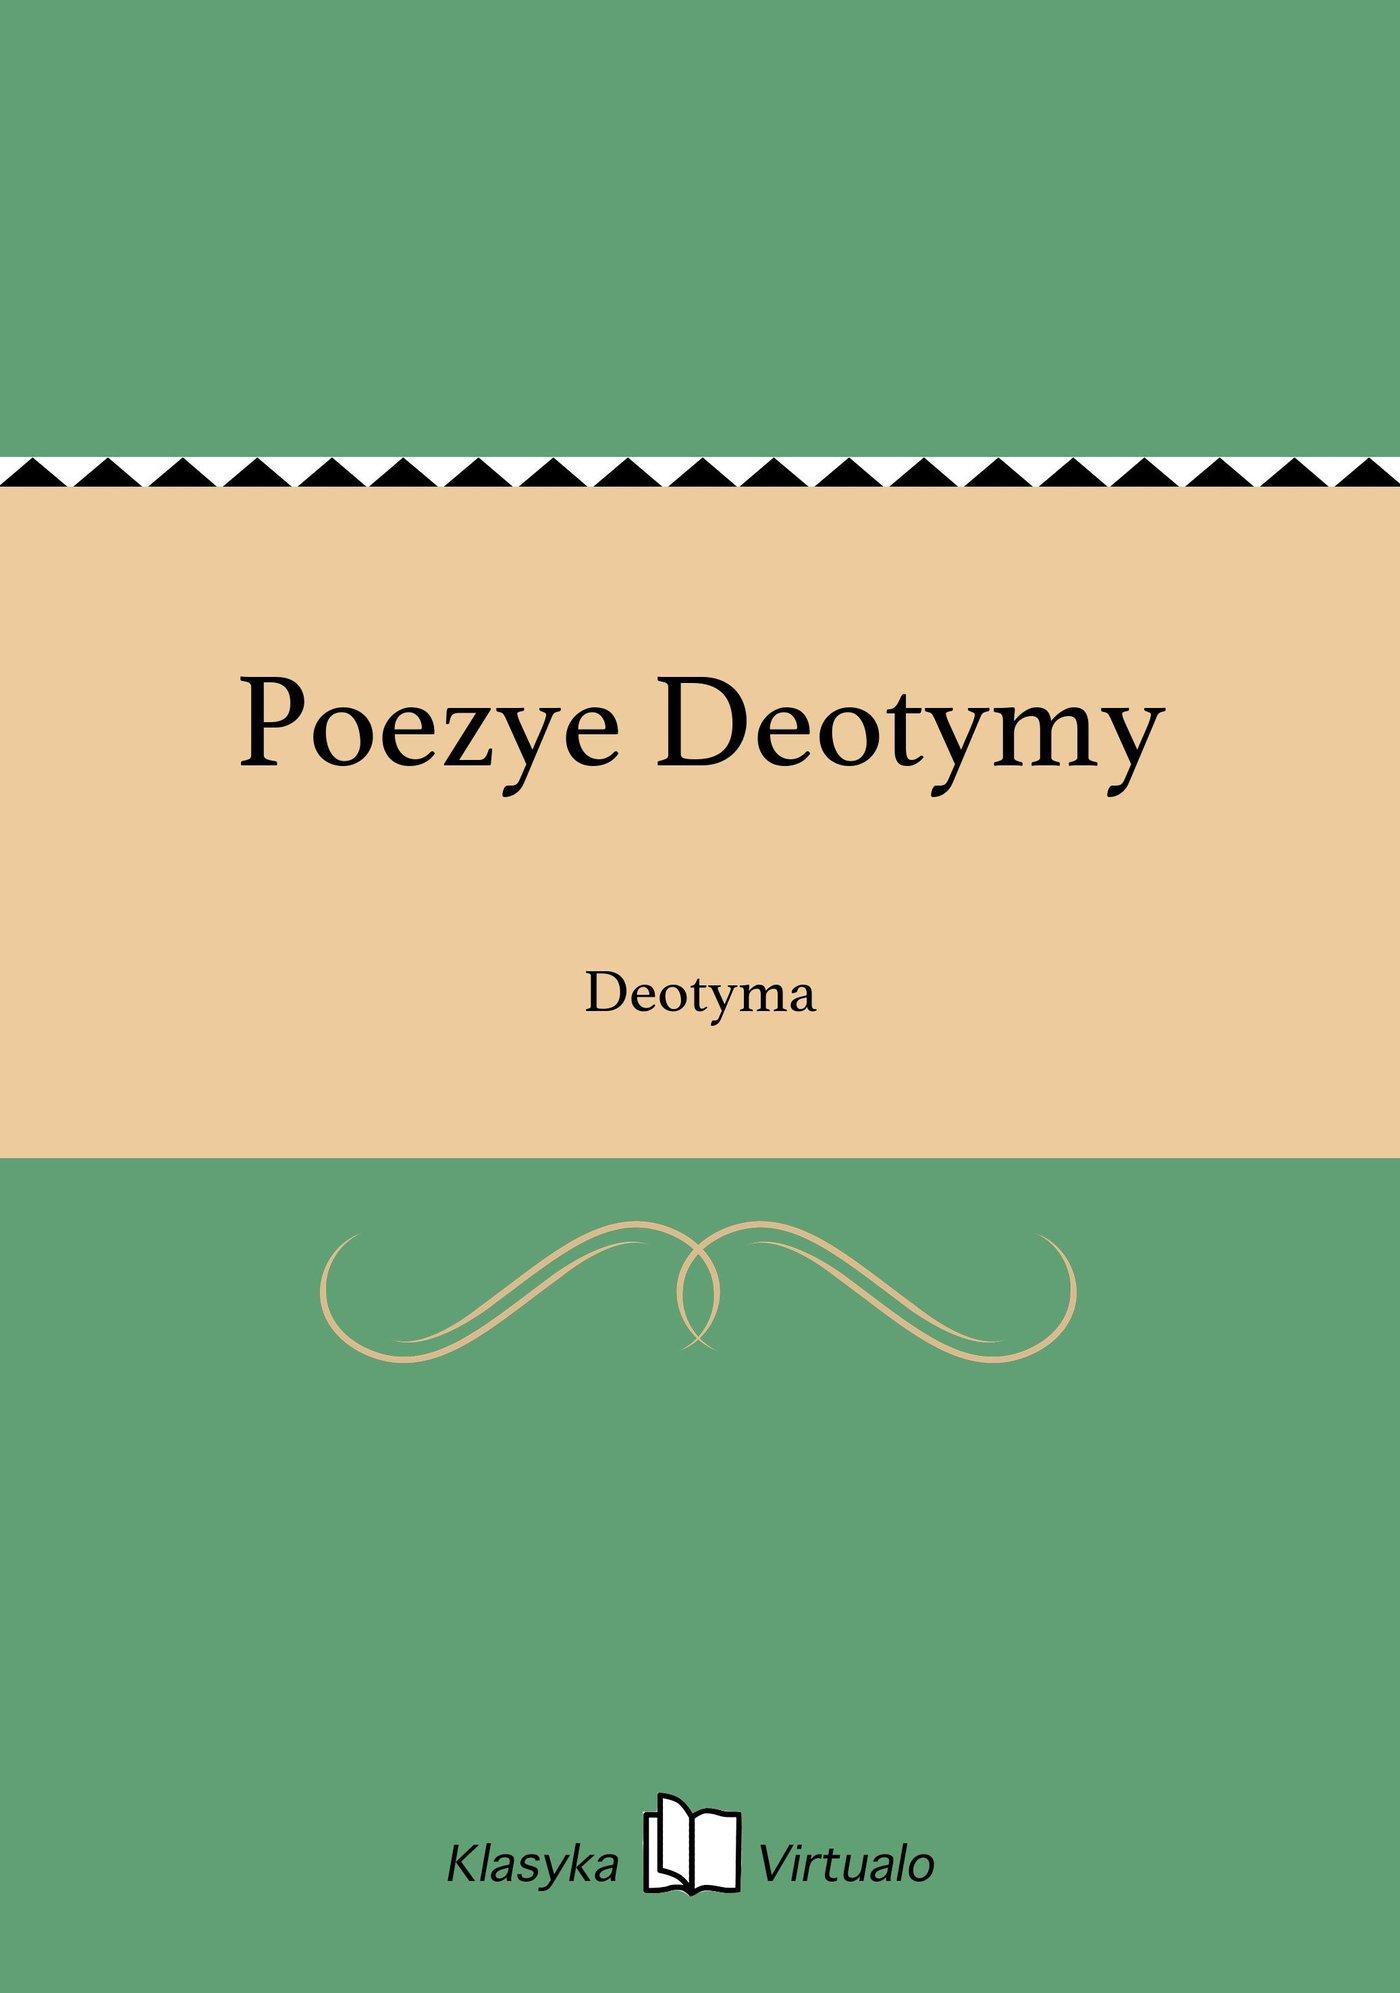 Poezye Deotymy - Ebook (Książka na Kindle) do pobrania w formacie MOBI